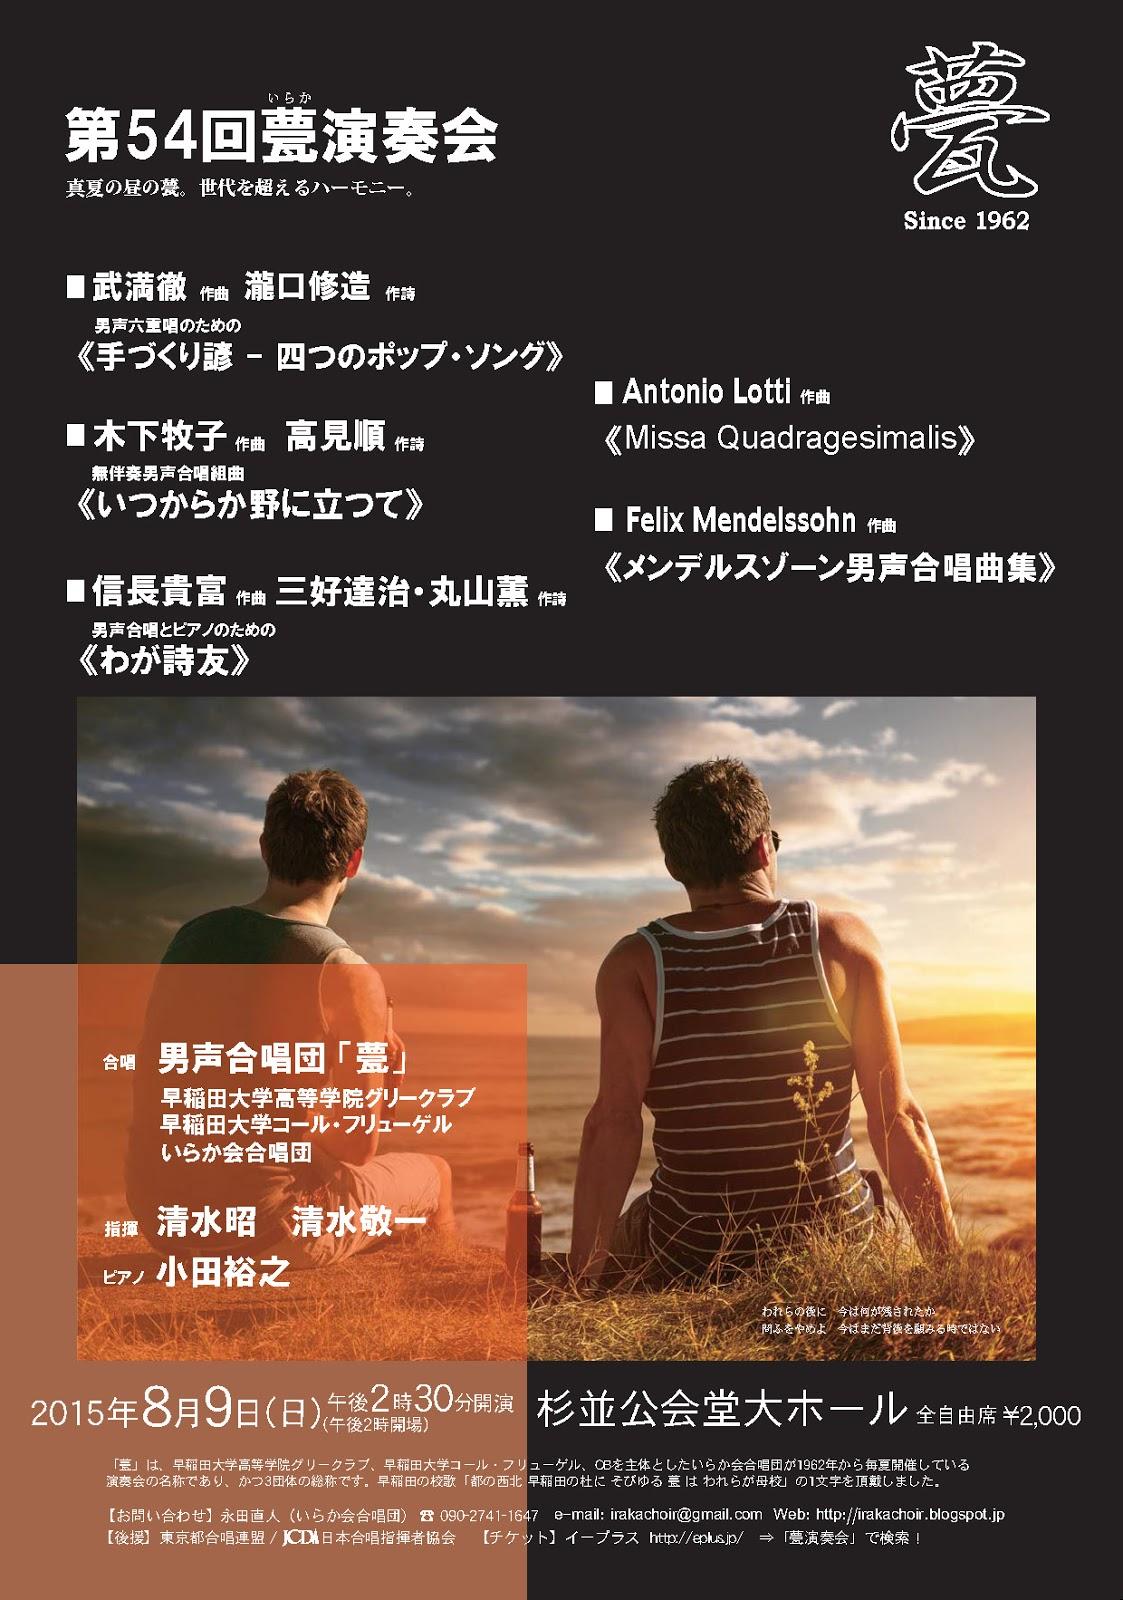 男声合唱『甍』演奏会は2015年8月9日